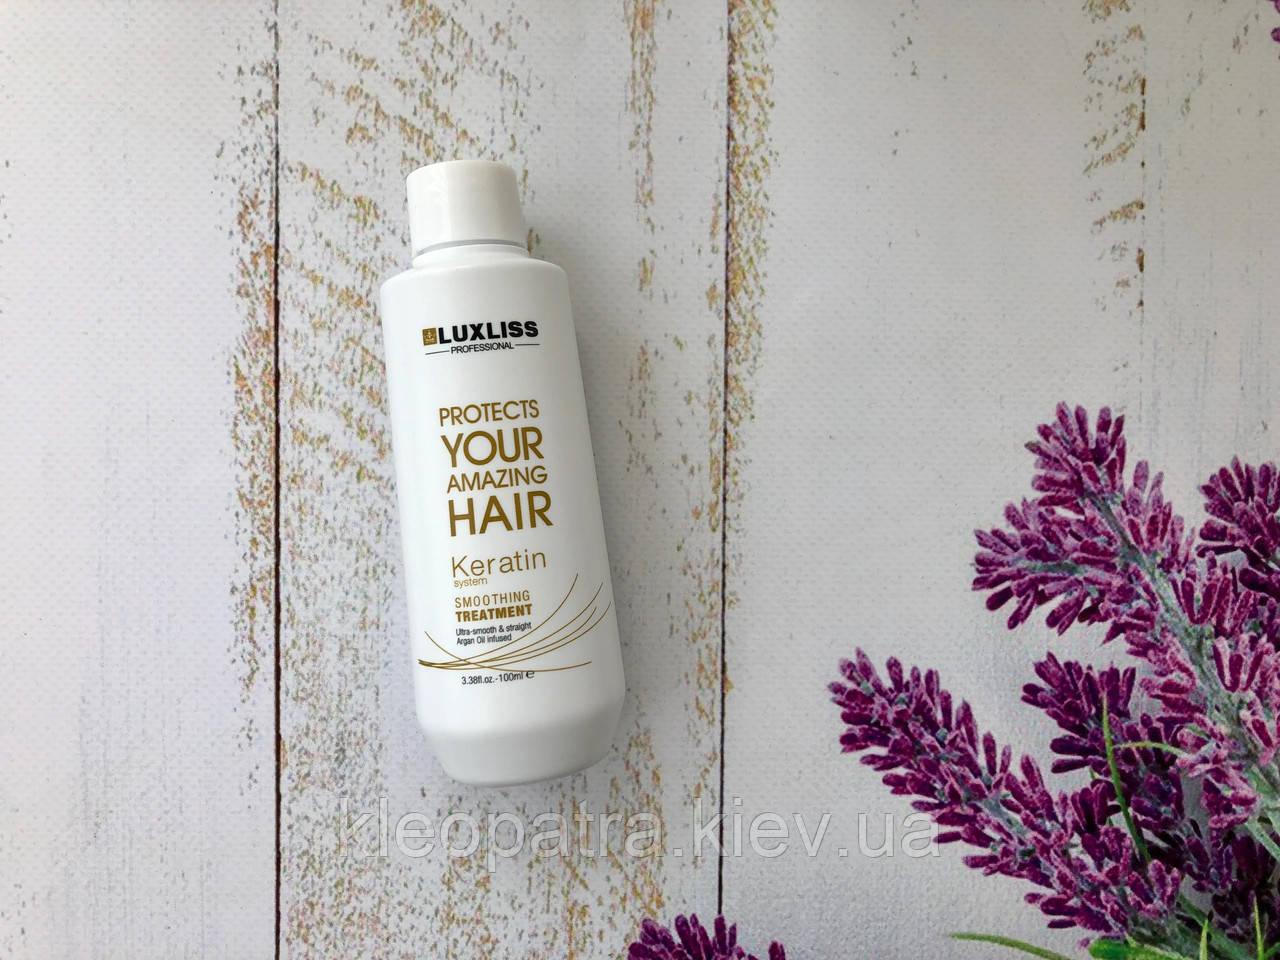 Кератин для волос люкслисс Luxliss Keratin Smoothing Treatment 100мл.